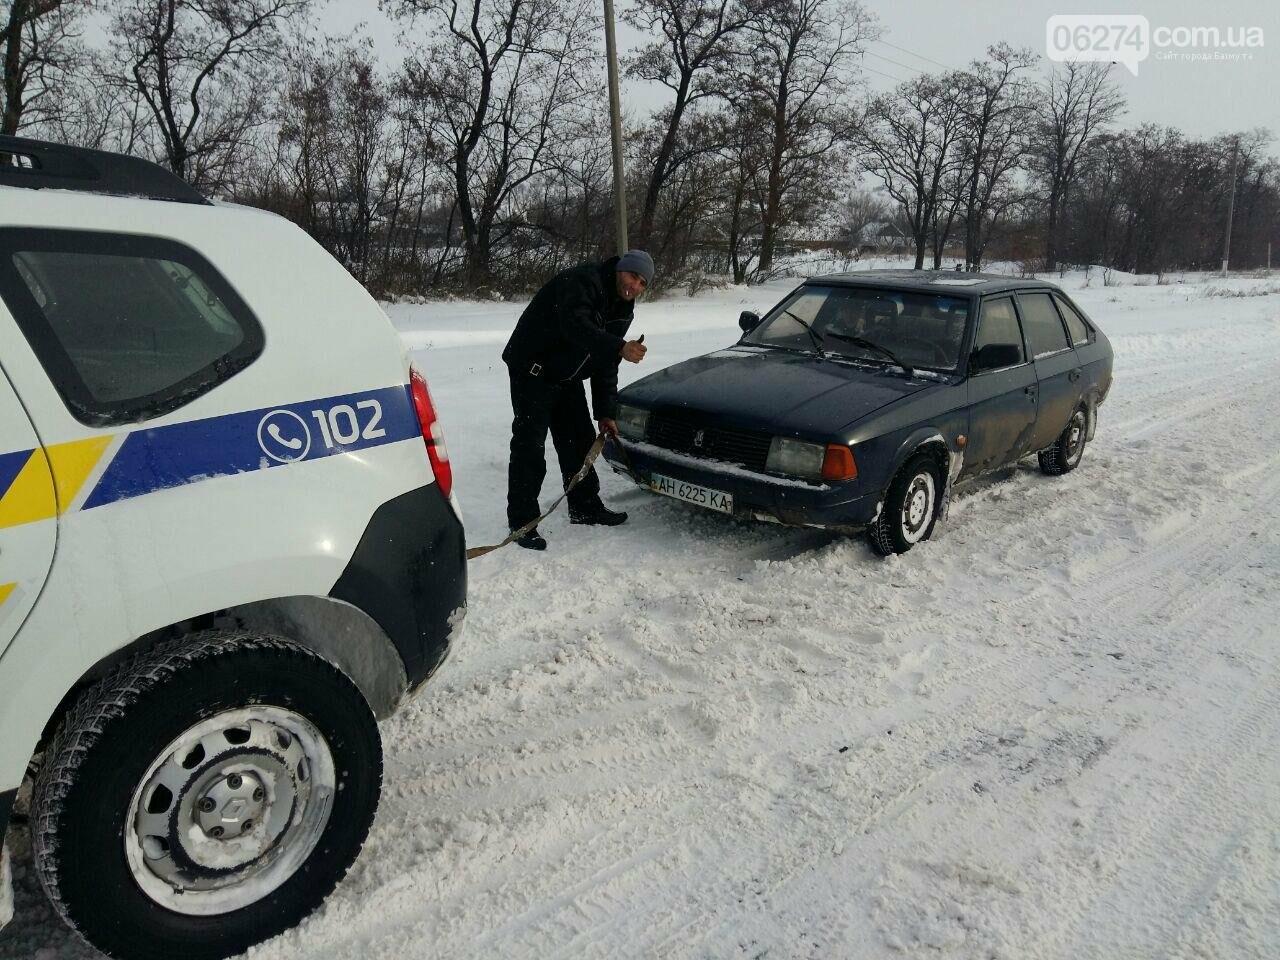 Полицейские Бахмута продолжают оказывать помощь участникам дорожного движения, фото-2